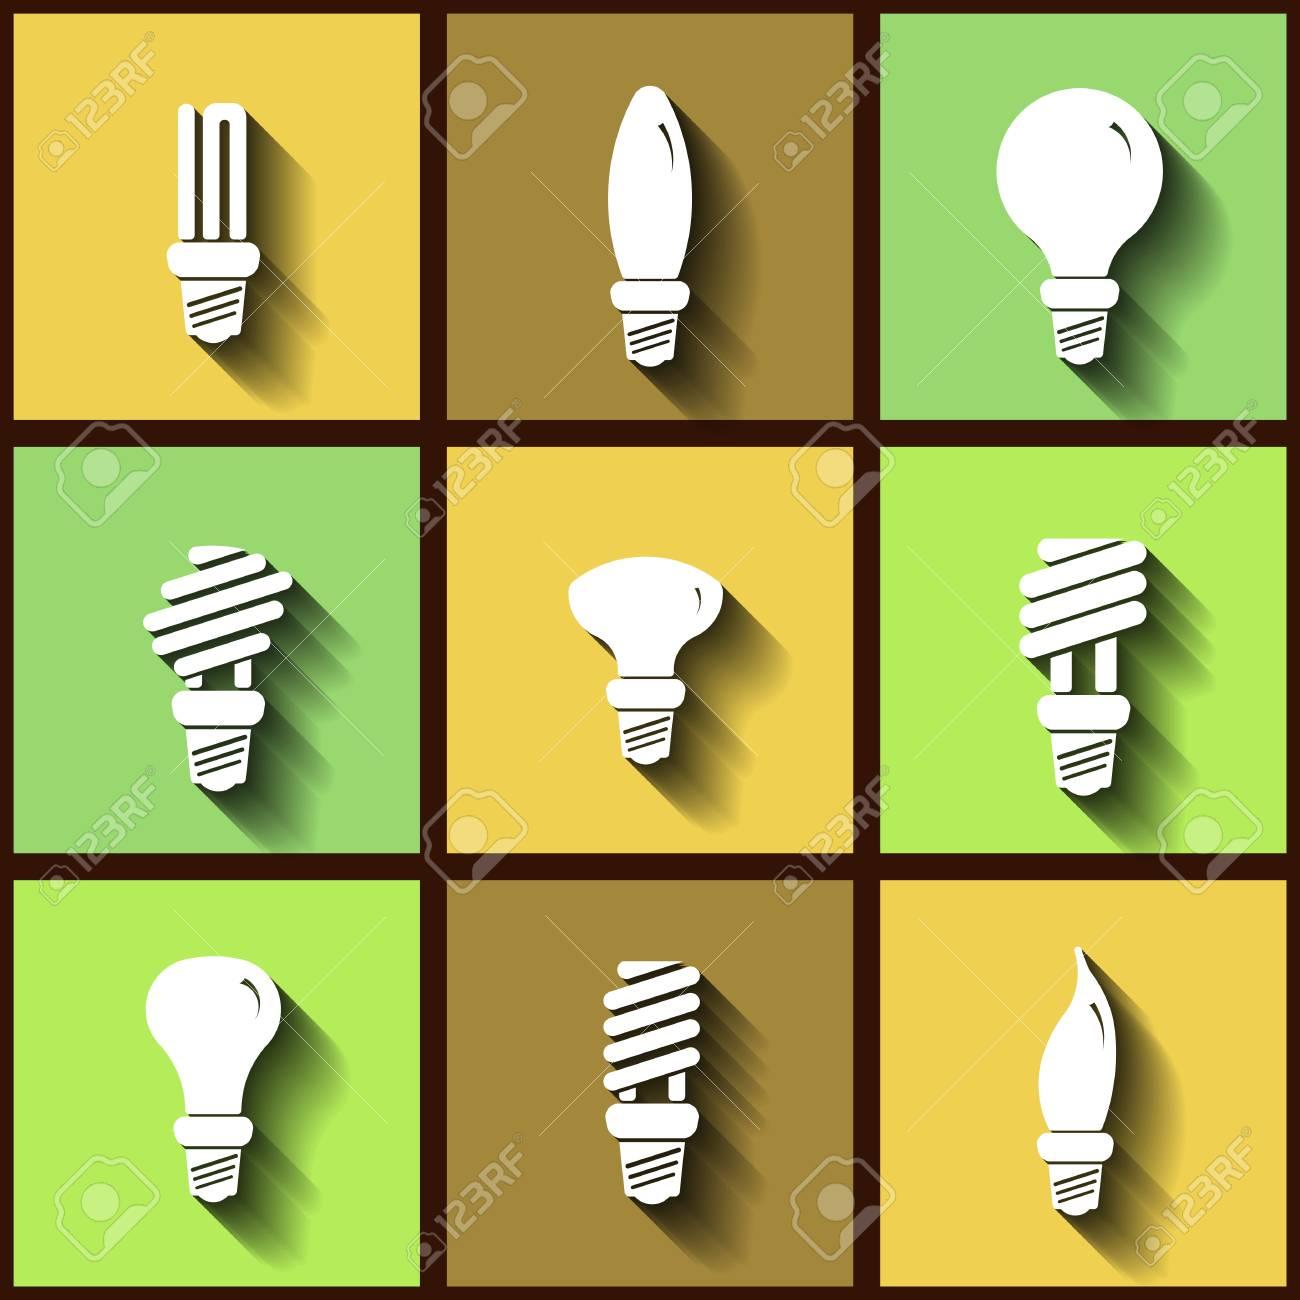 lámparas iconos consumo de de 9 Conjunto de planos bajo srChdxQt